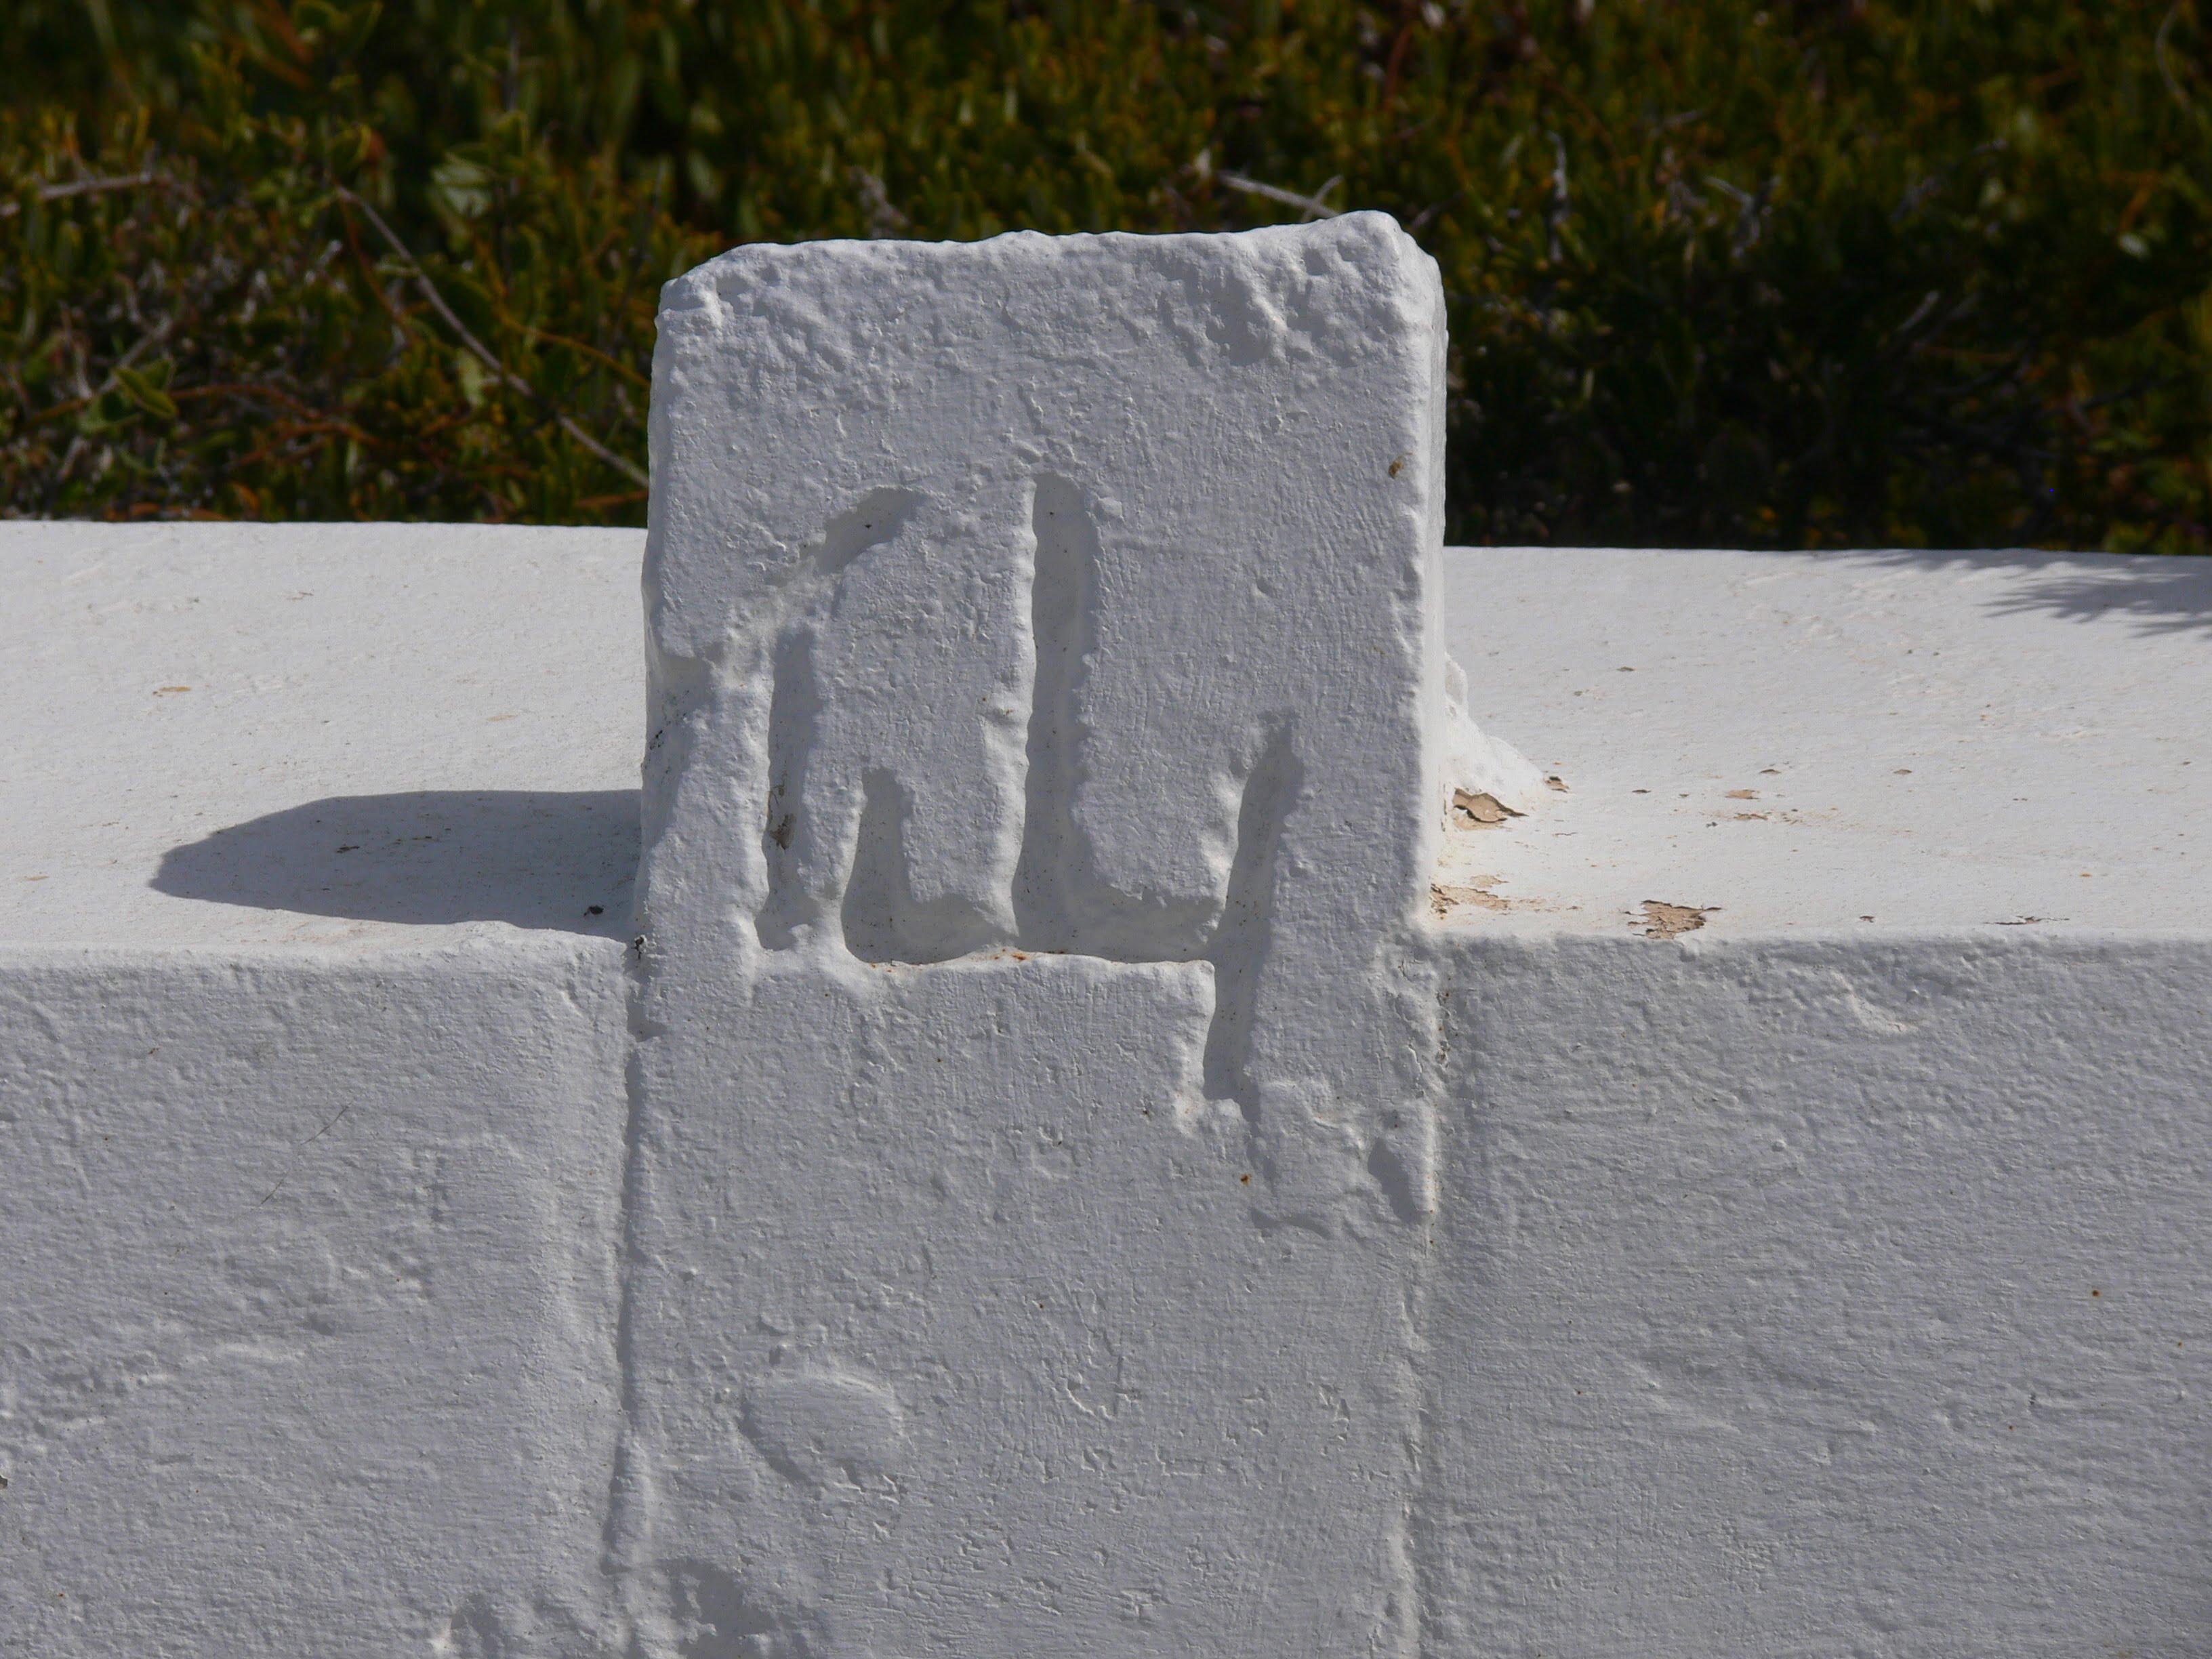 Markings on headstone